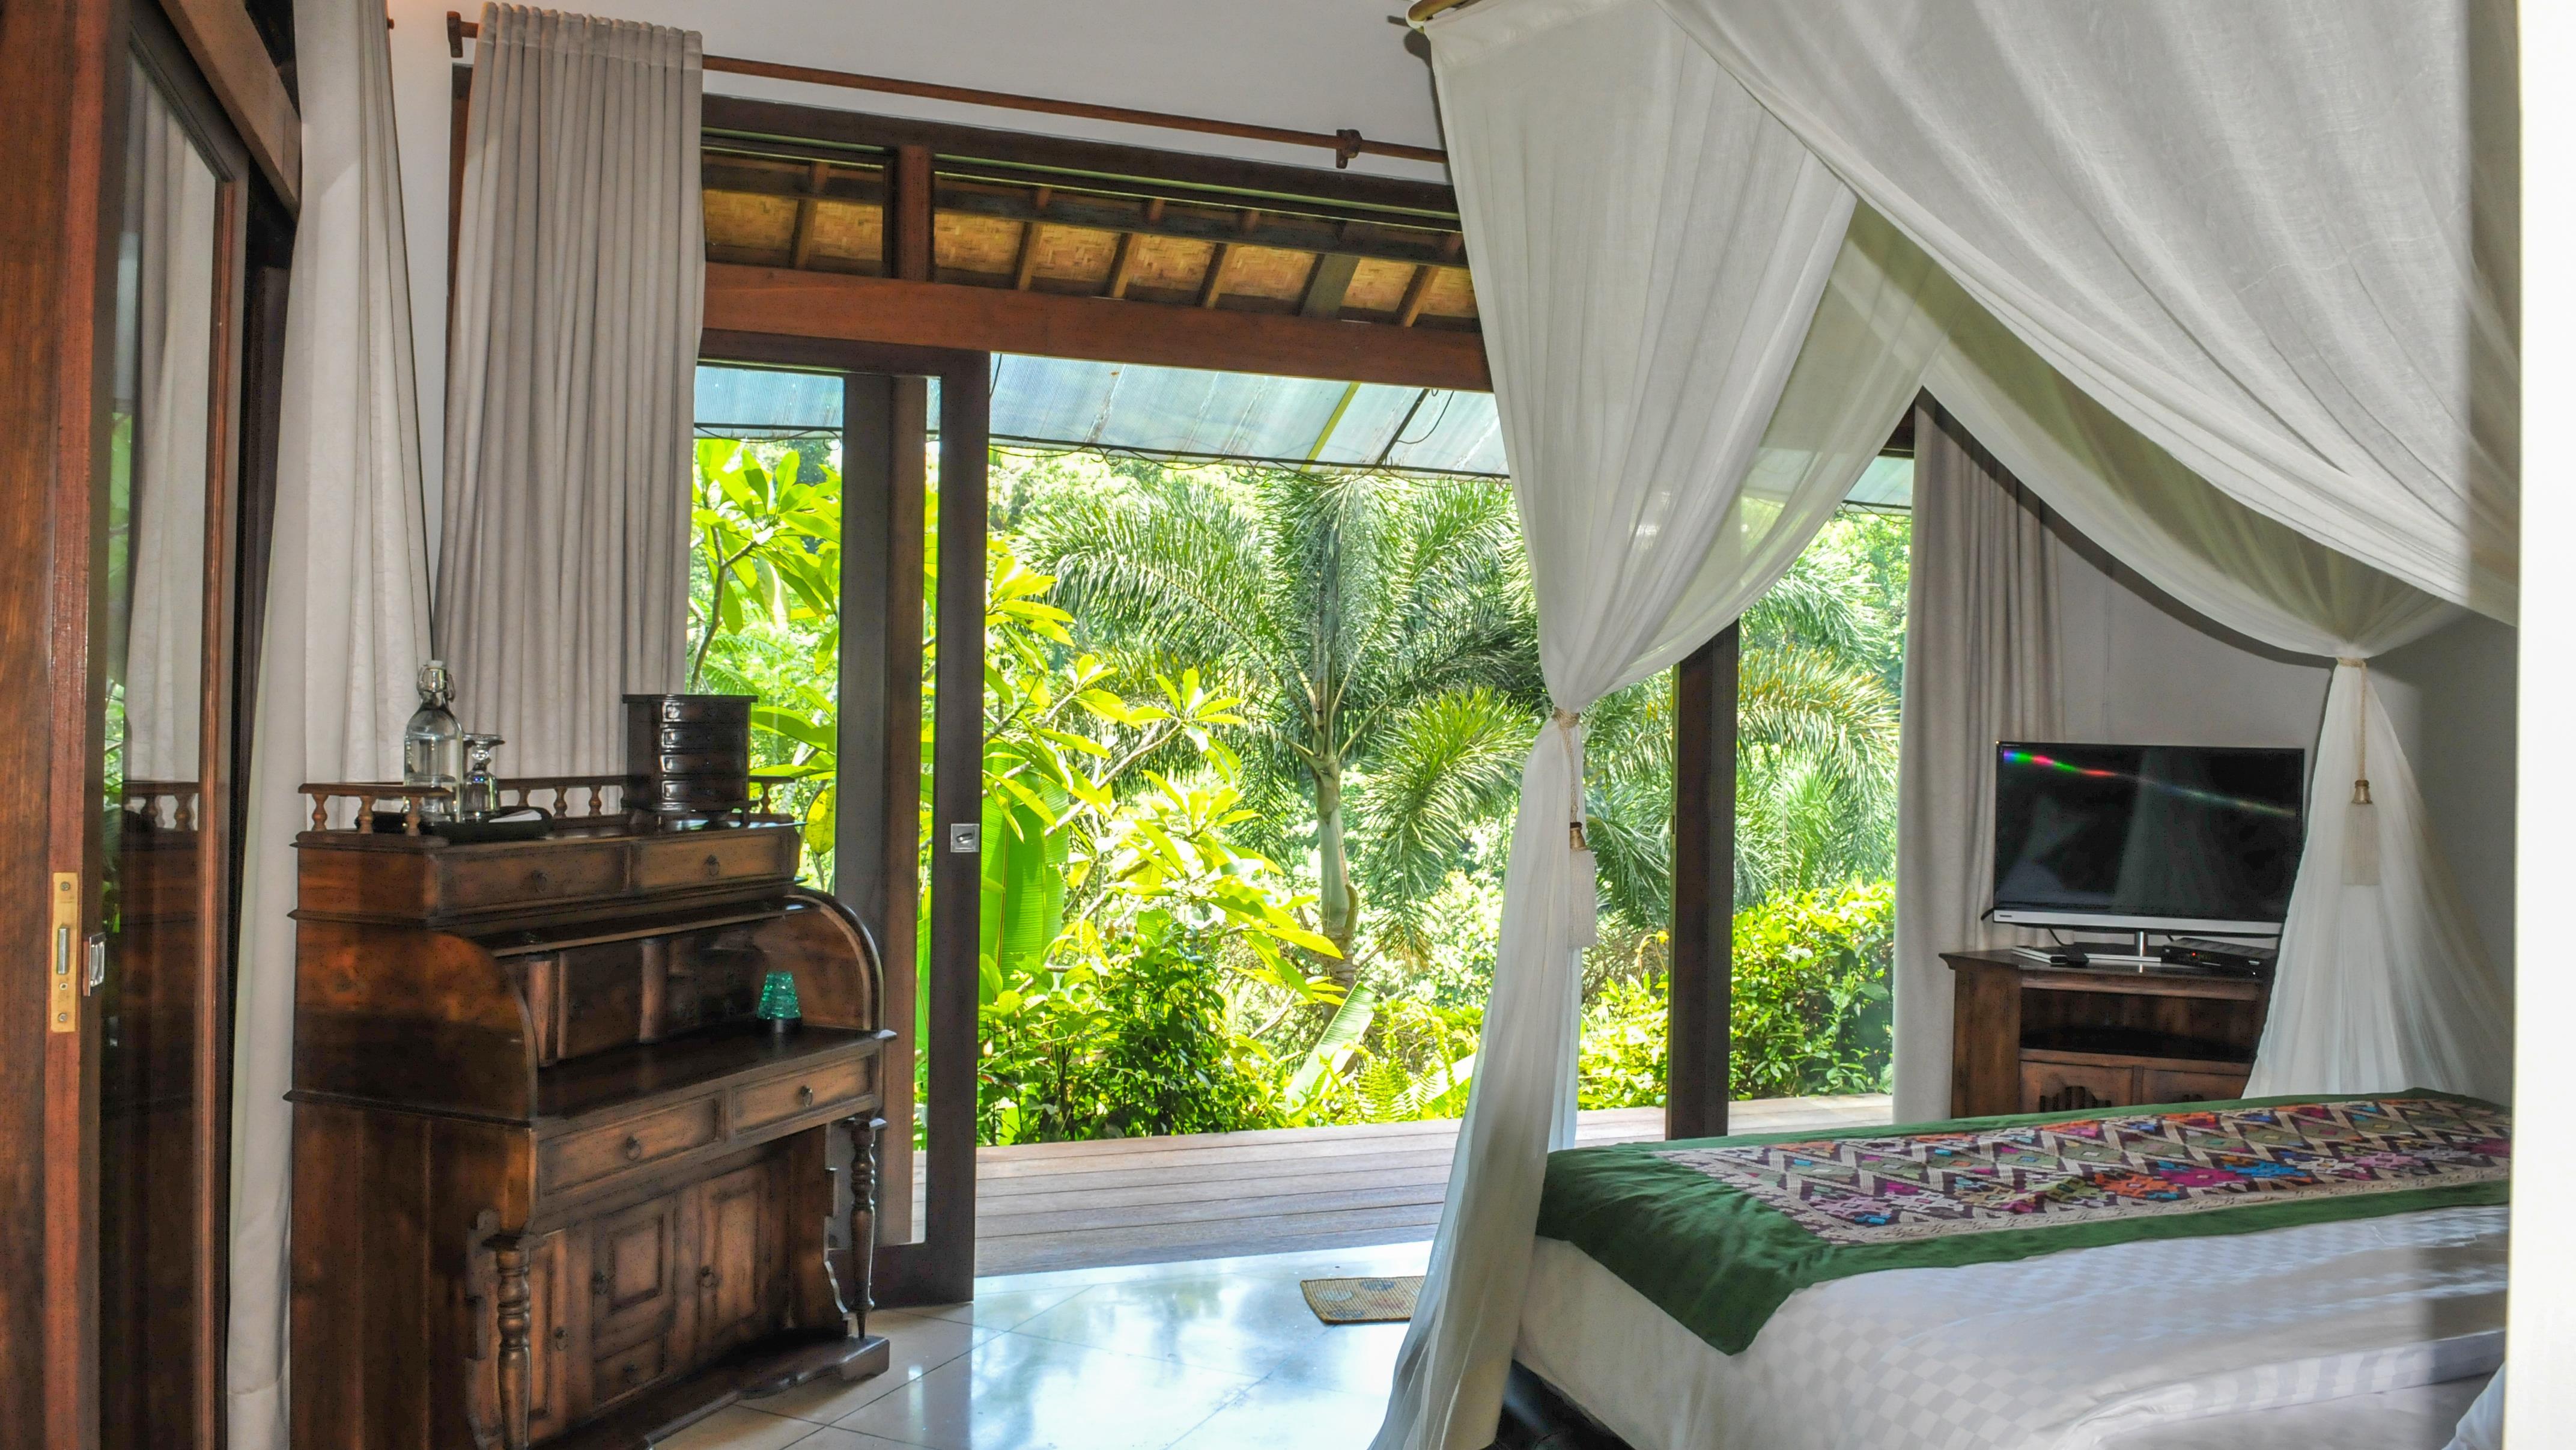 Bedroom and Balcony with TV - Villa Umah Shanti - Ubud, Bali